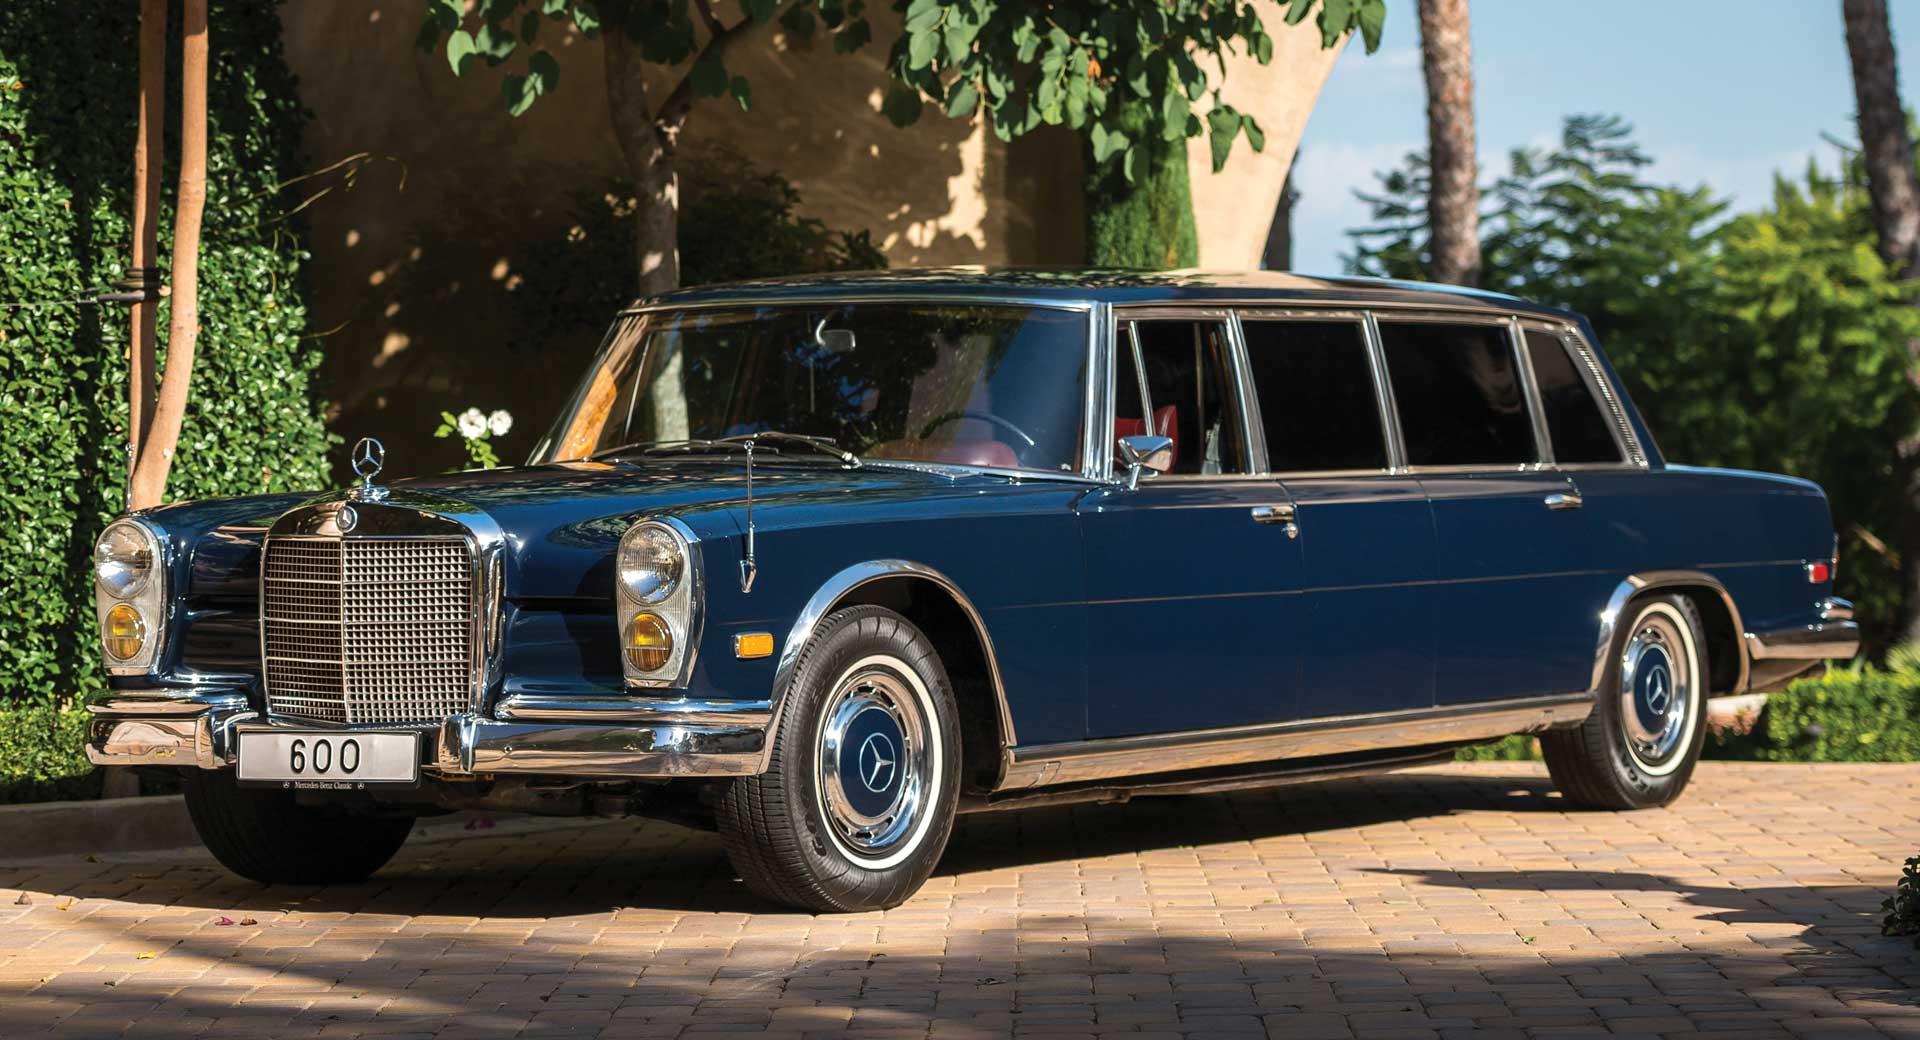 Gentlemen Your Classic Mercedes Pullman Limousine Has